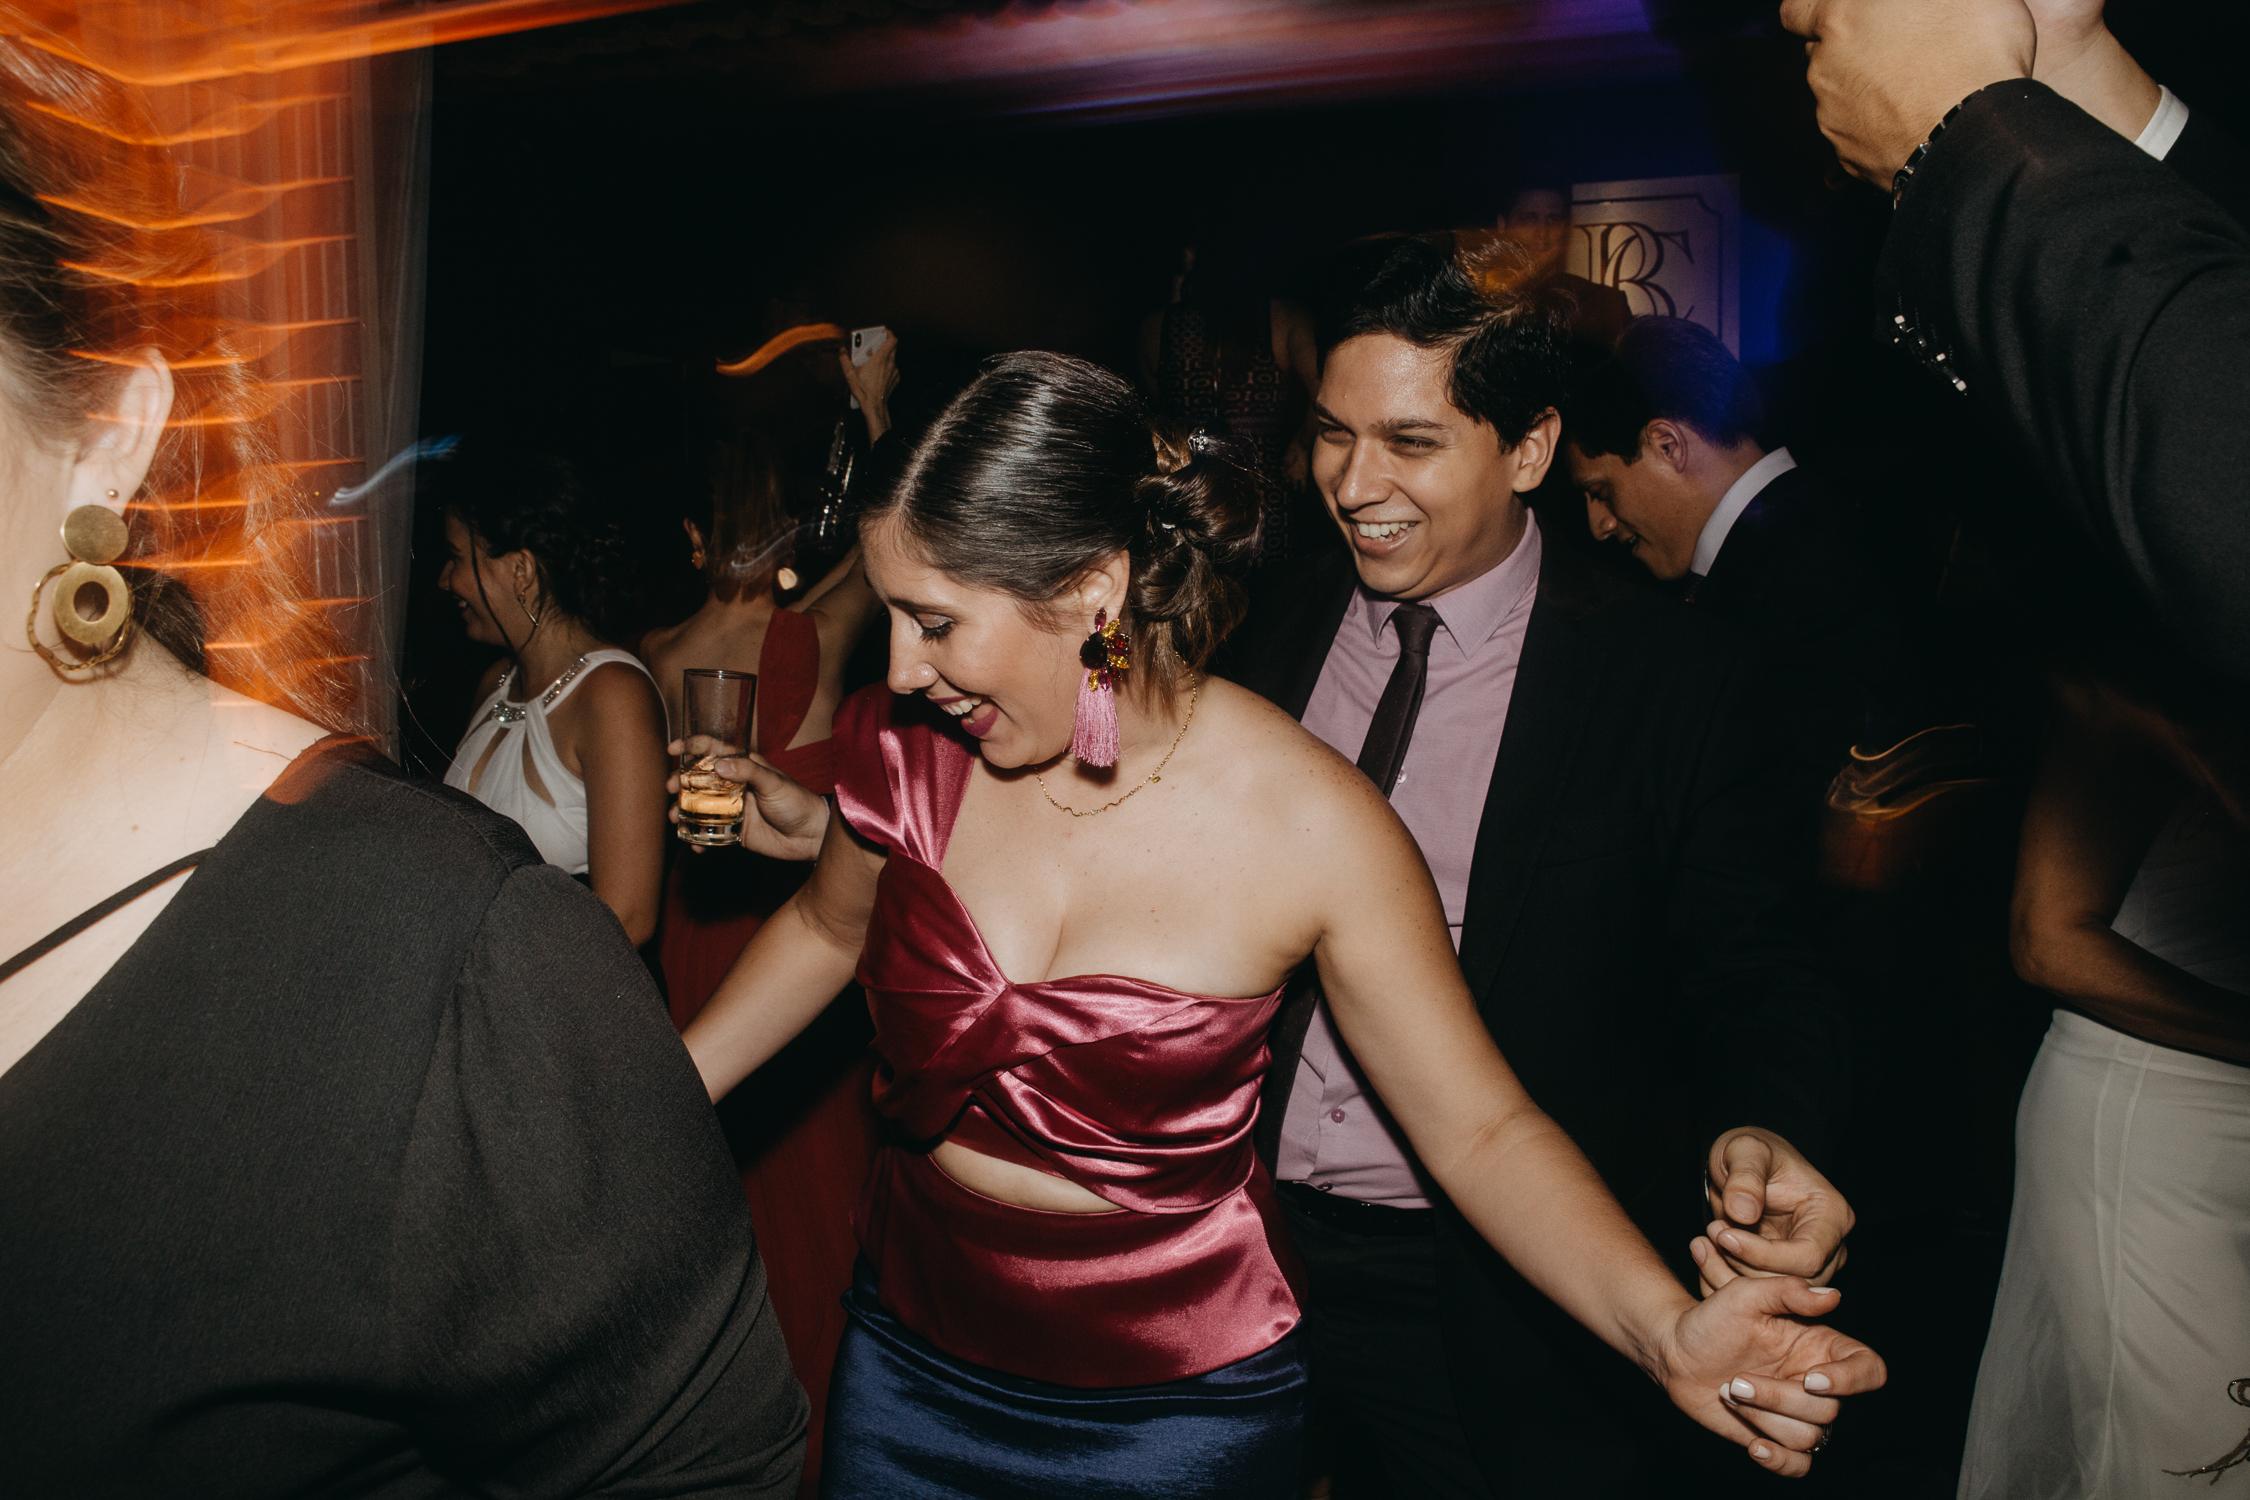 Michelle-Agurto-Fotografia-Bodas-Ecuador-Destination-Wedding-Photographer-Ecuador-Mercedes-Alvaro-273.JPG